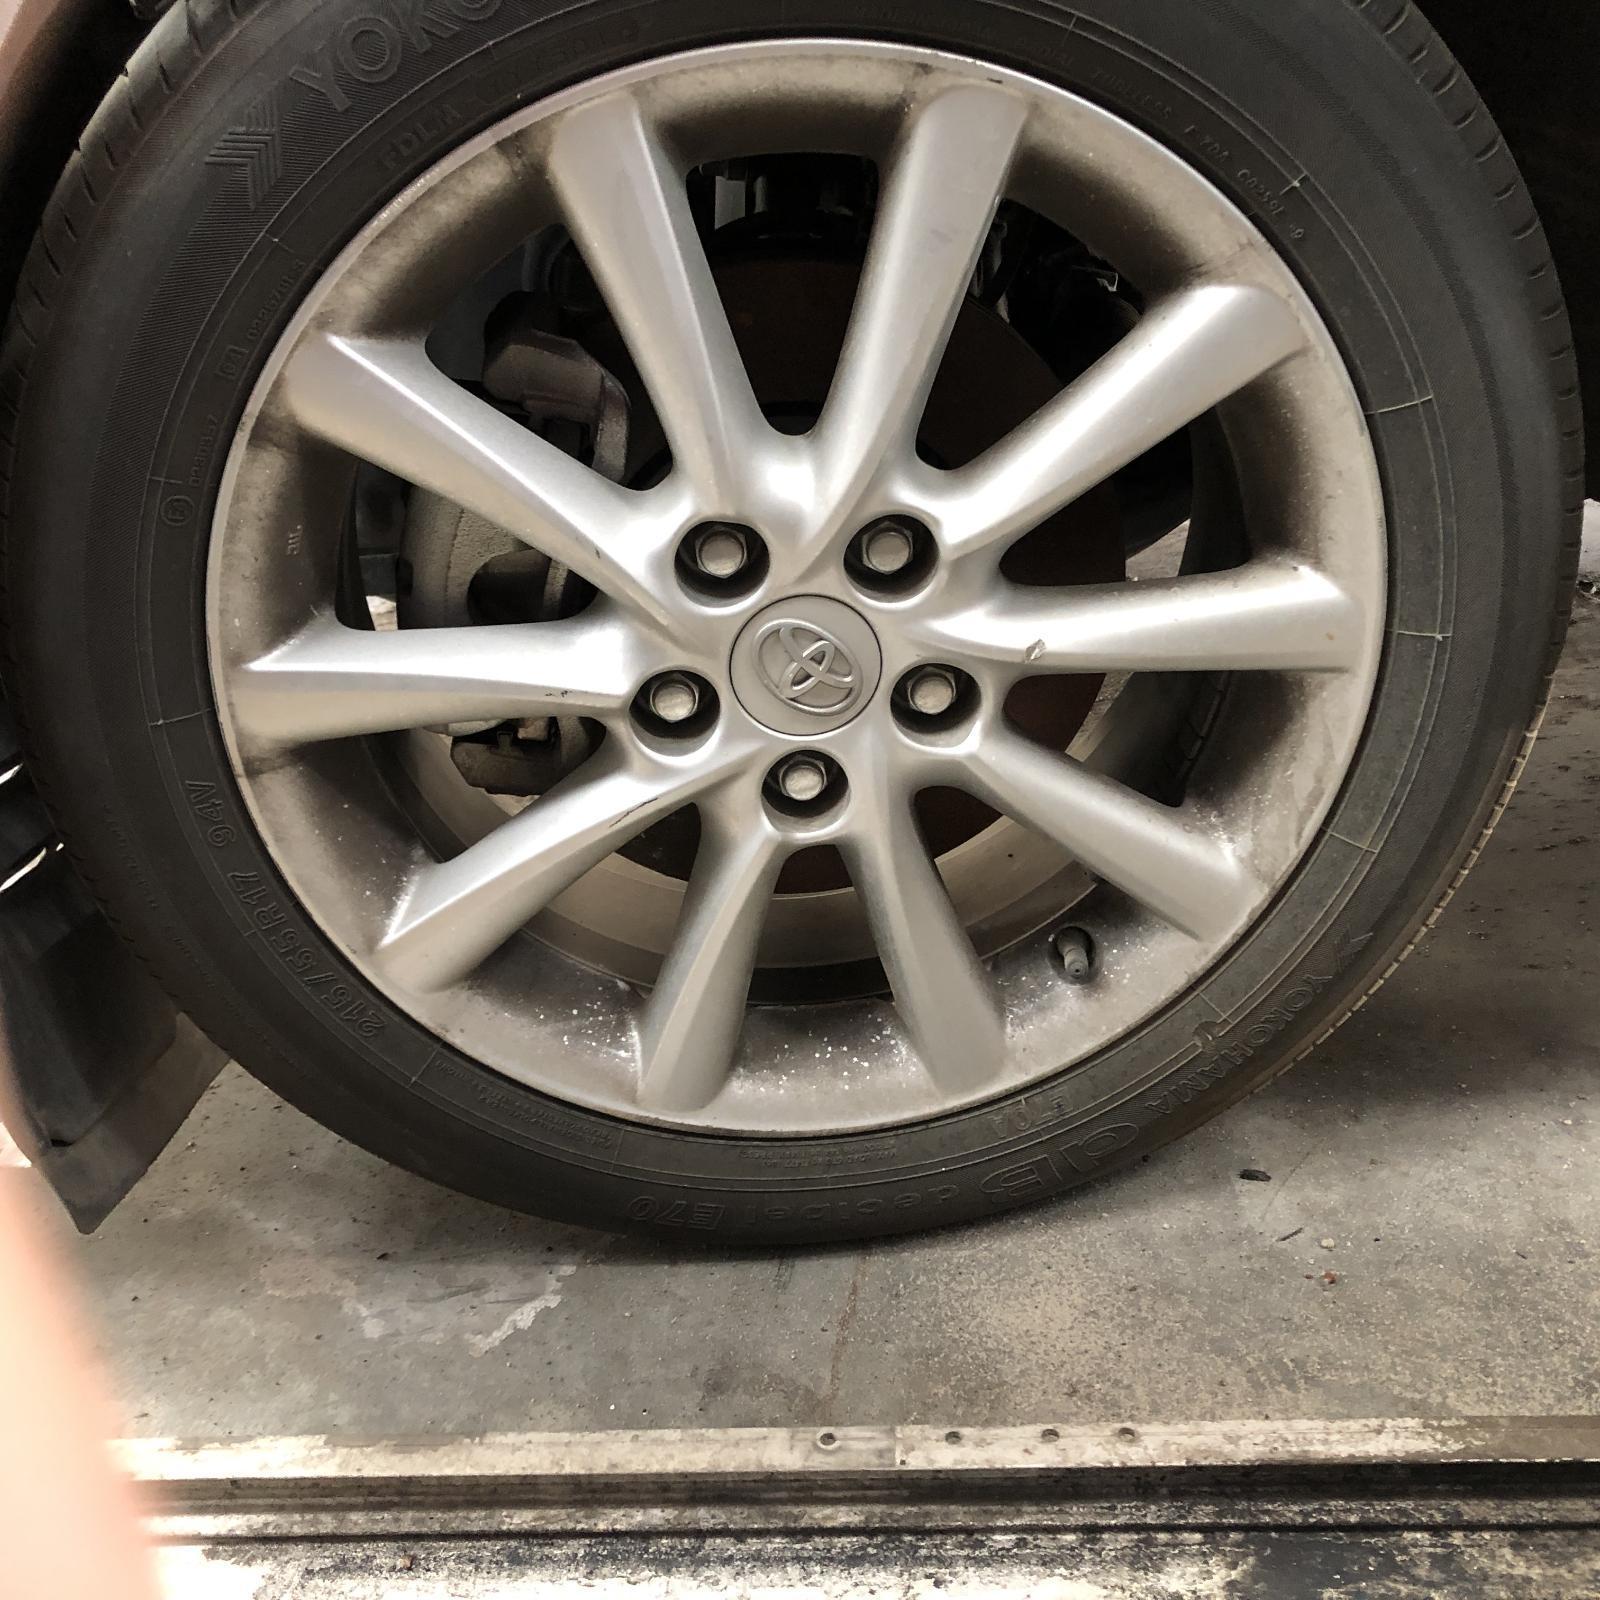 TOYOTA TARAGO, Wheel Mag, FACTORY, 17X7IN, 10 SPOKE, ACR50R, 02/09-